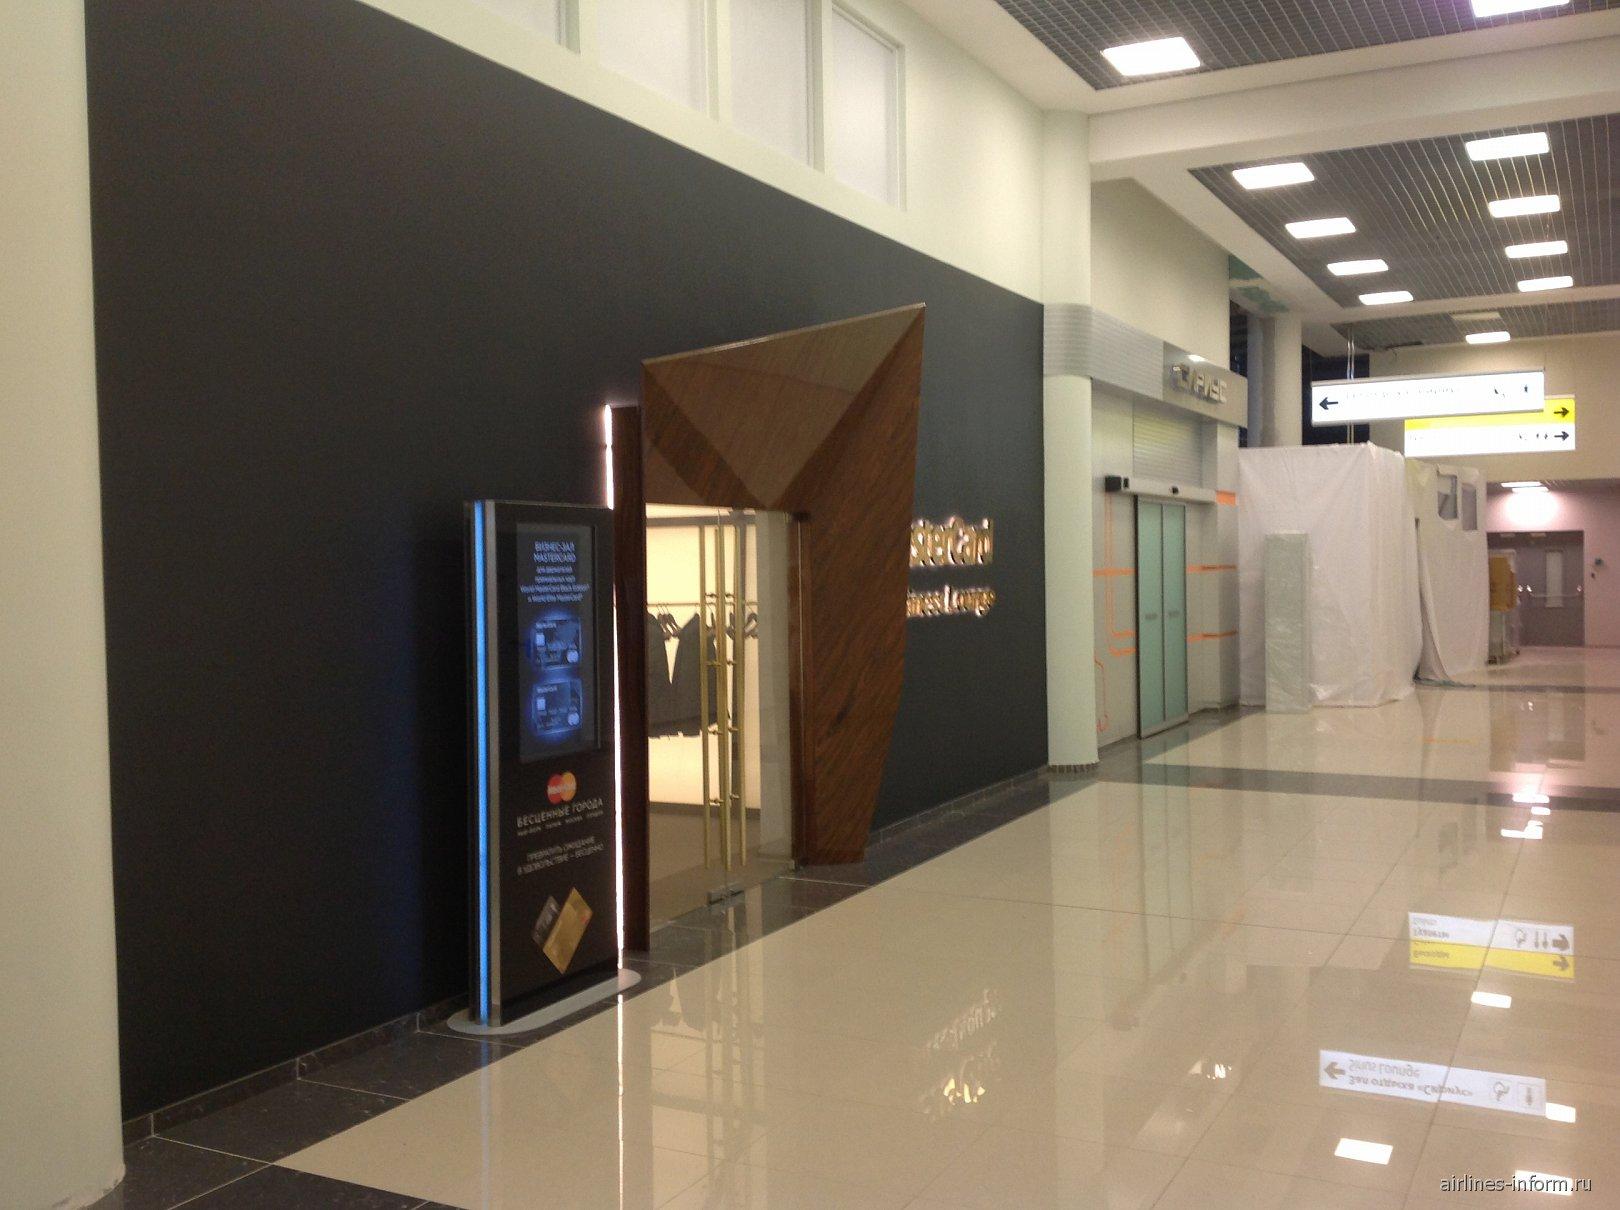 Вход в бизнес-зал MasterCard в терминале D аэропорта Шереметьево